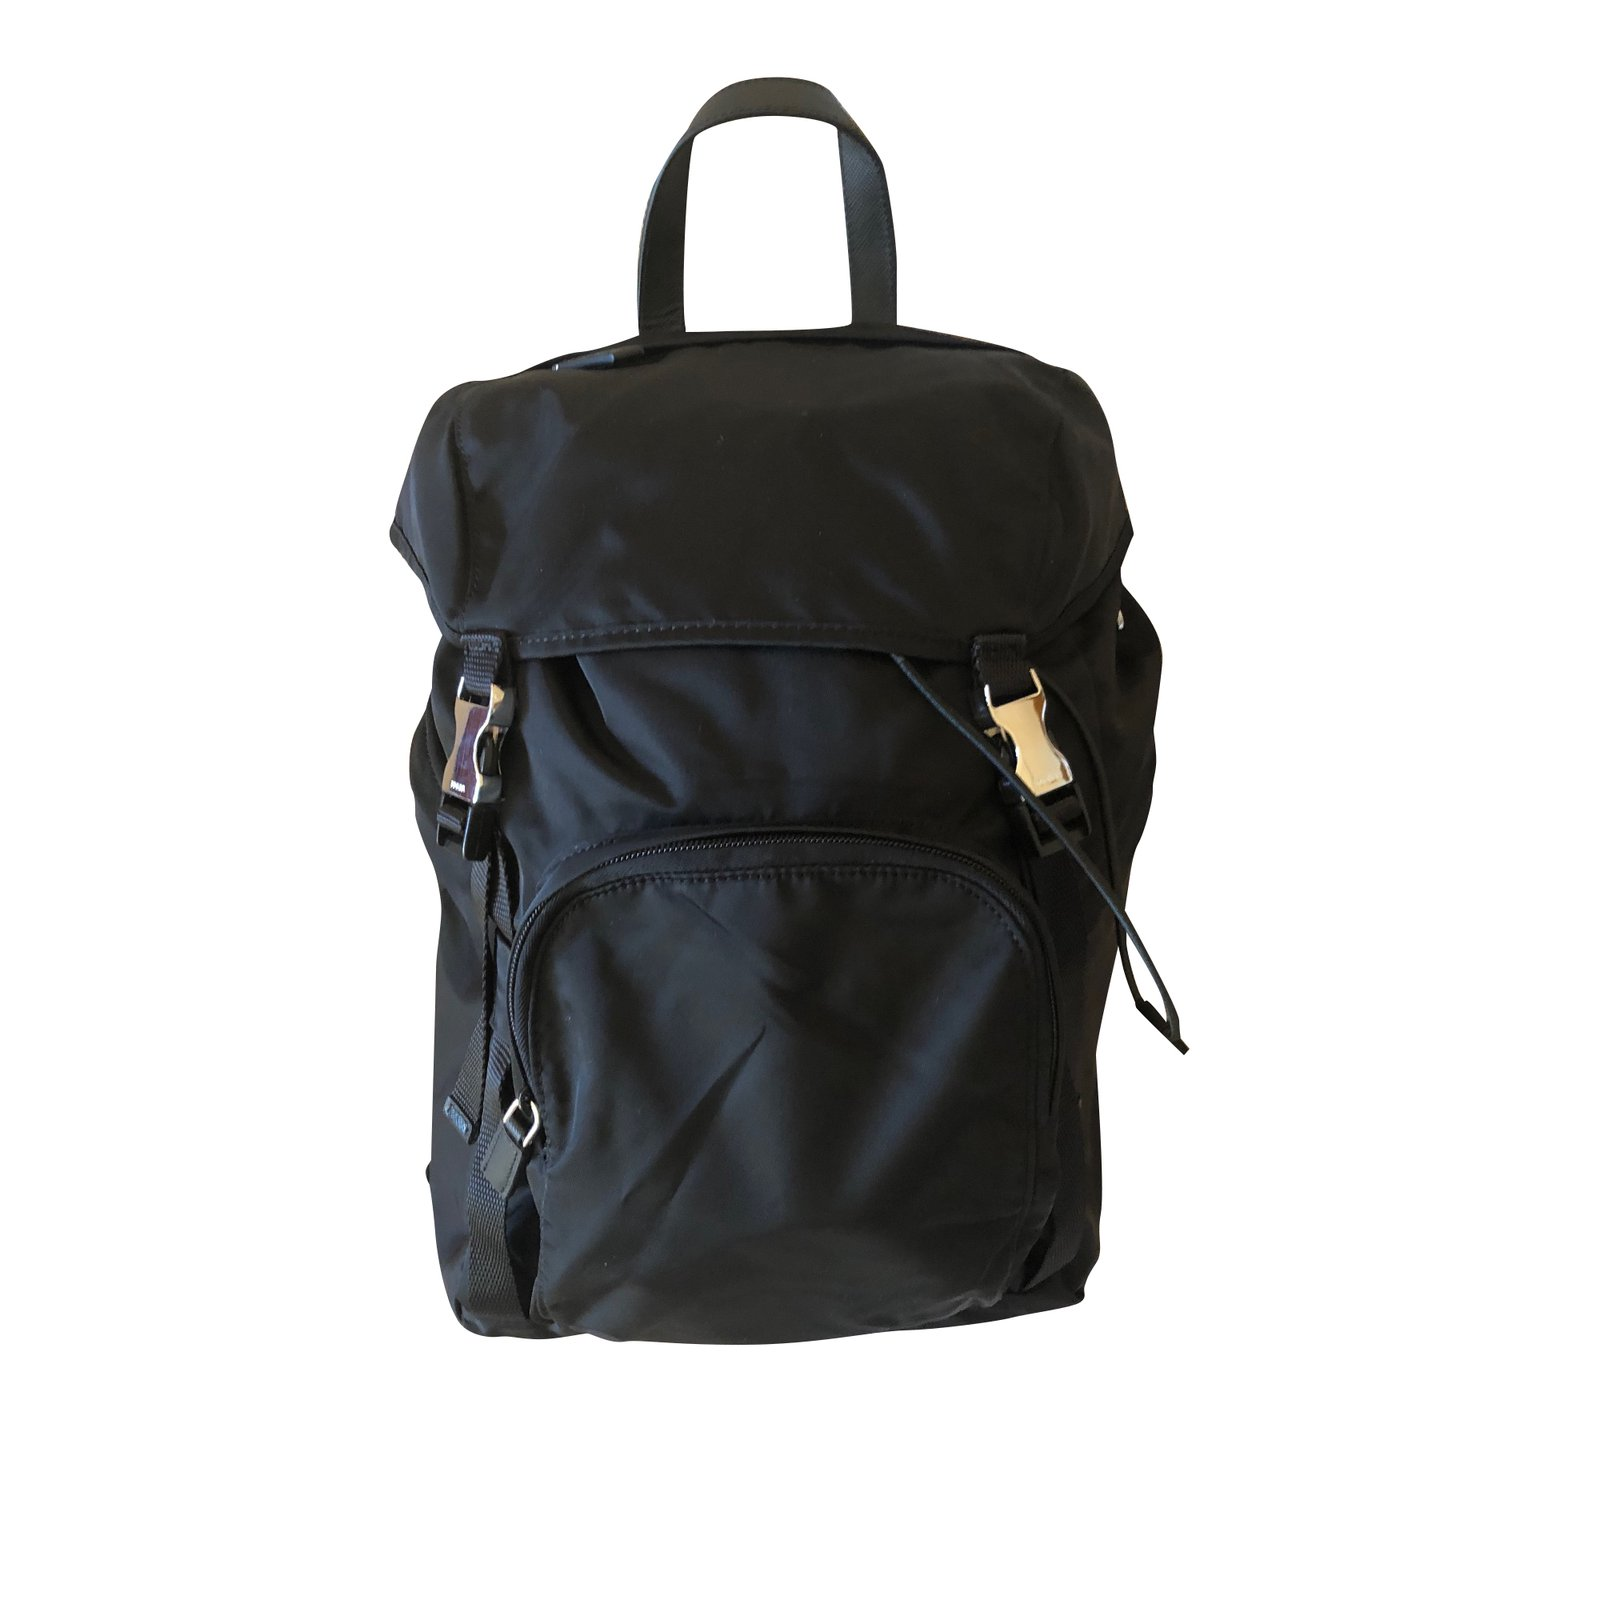 0d5c77de47ac Prada Prada backpack Bags Briefcases Nylon Black ref.98768 - Joli Closet